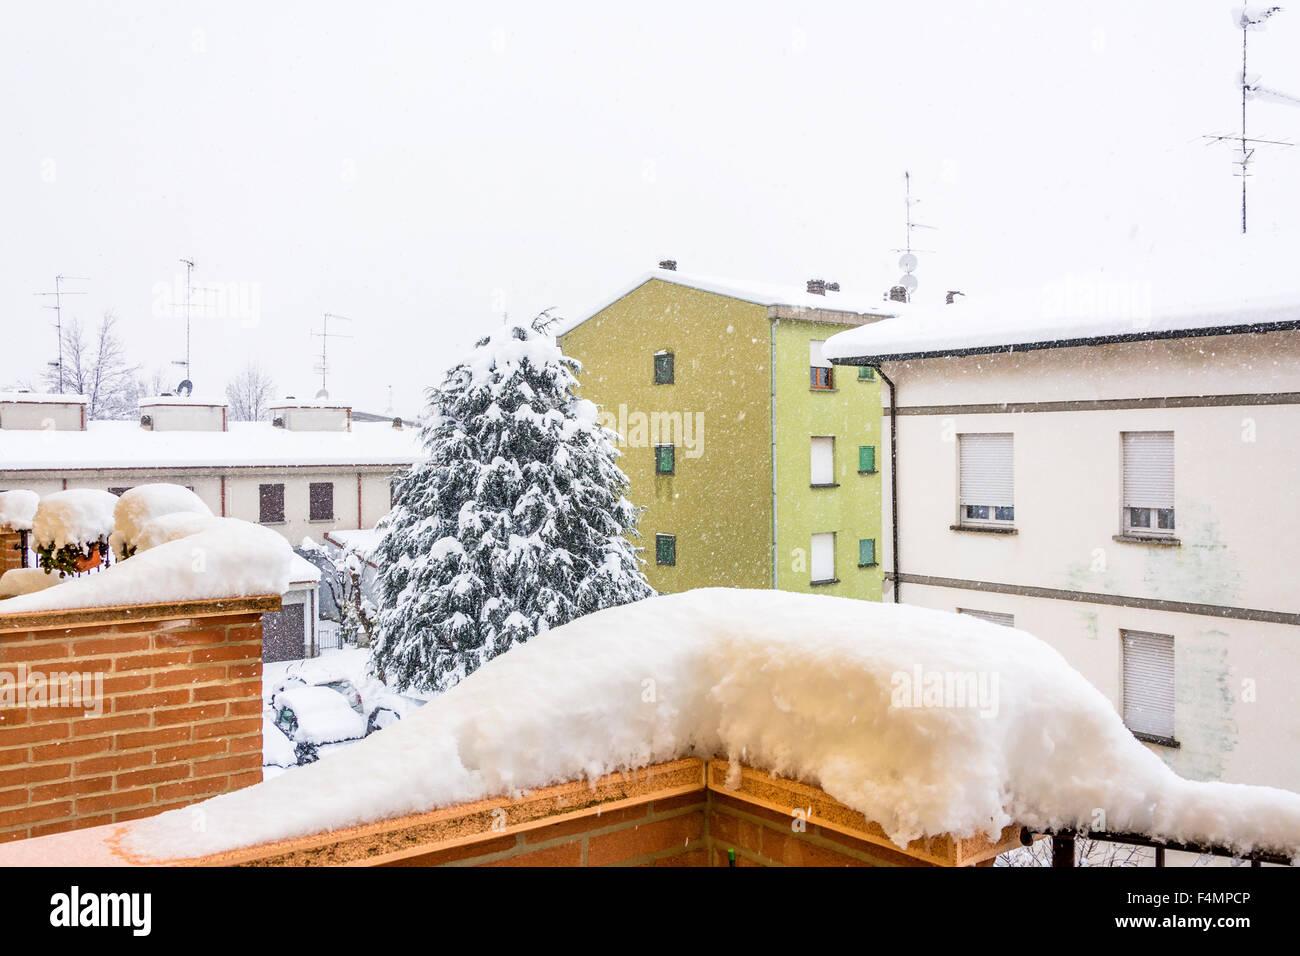 Urban scape durante una intensa nevicata a Cavriago, Italia Immagini Stock